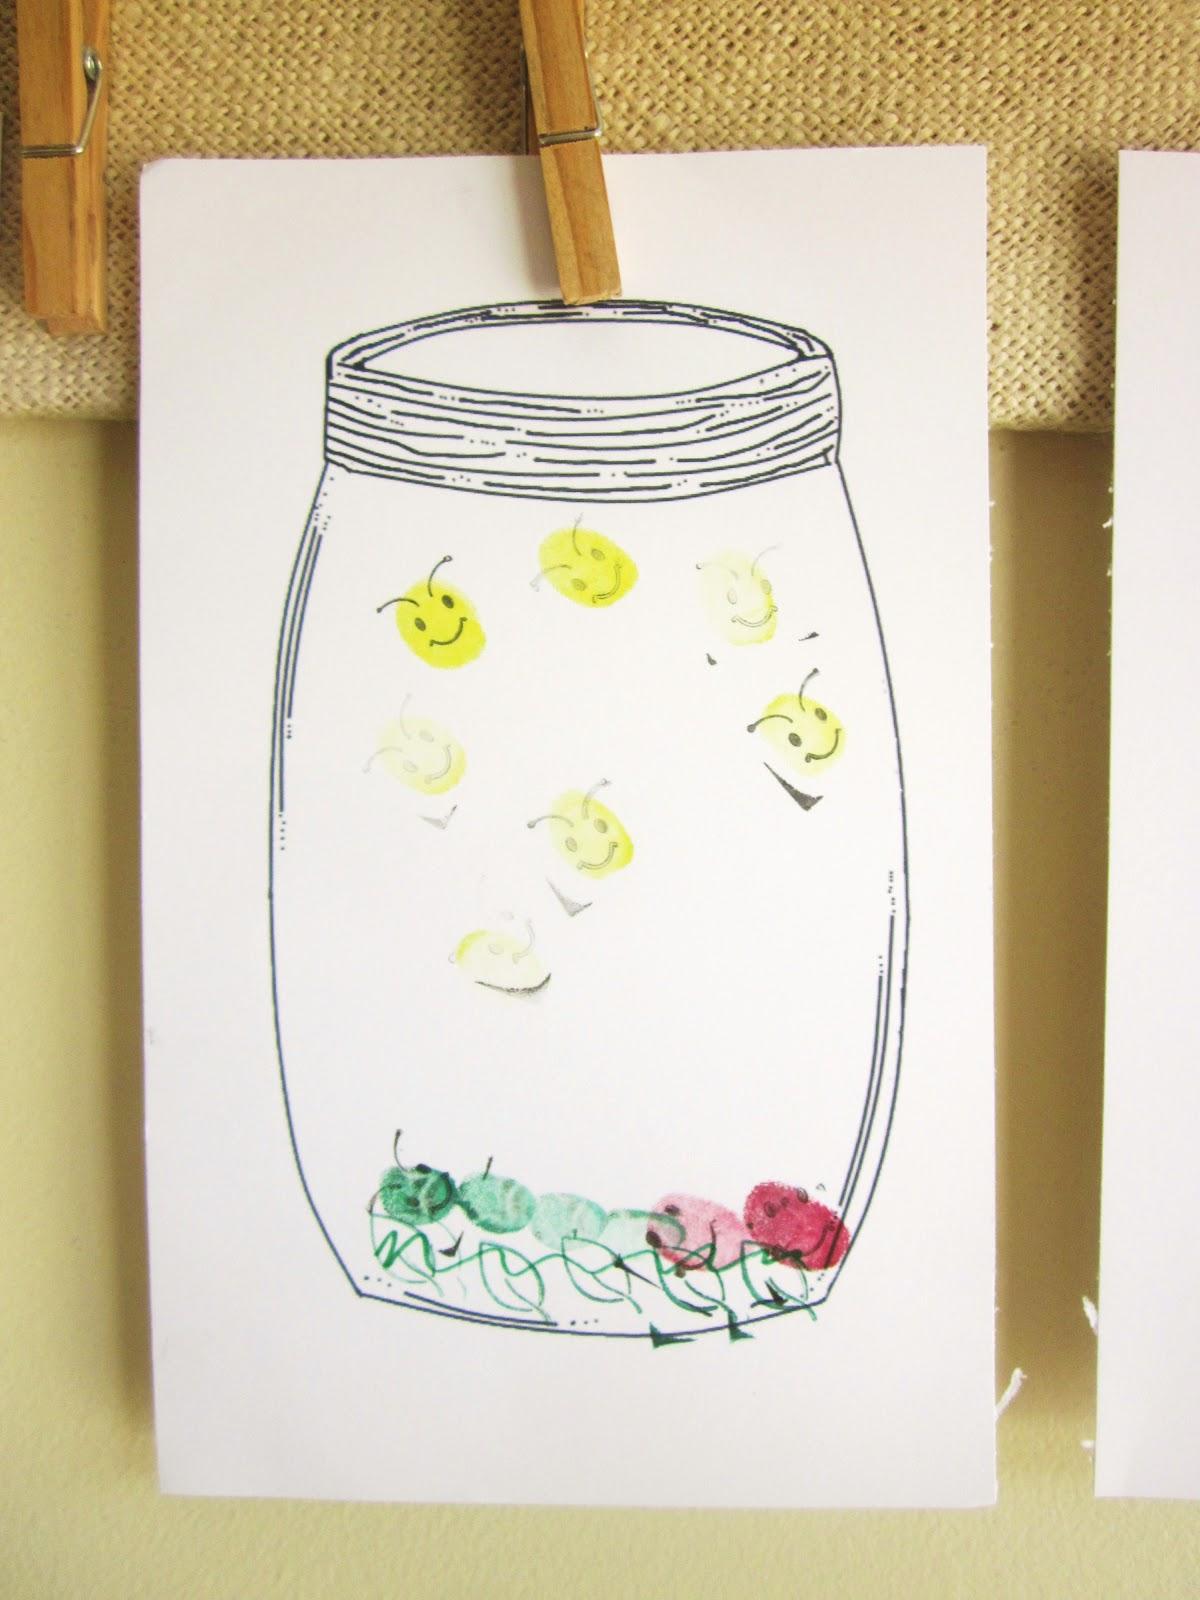 Embellishing Life Kids Art With A Mason Jar Printable